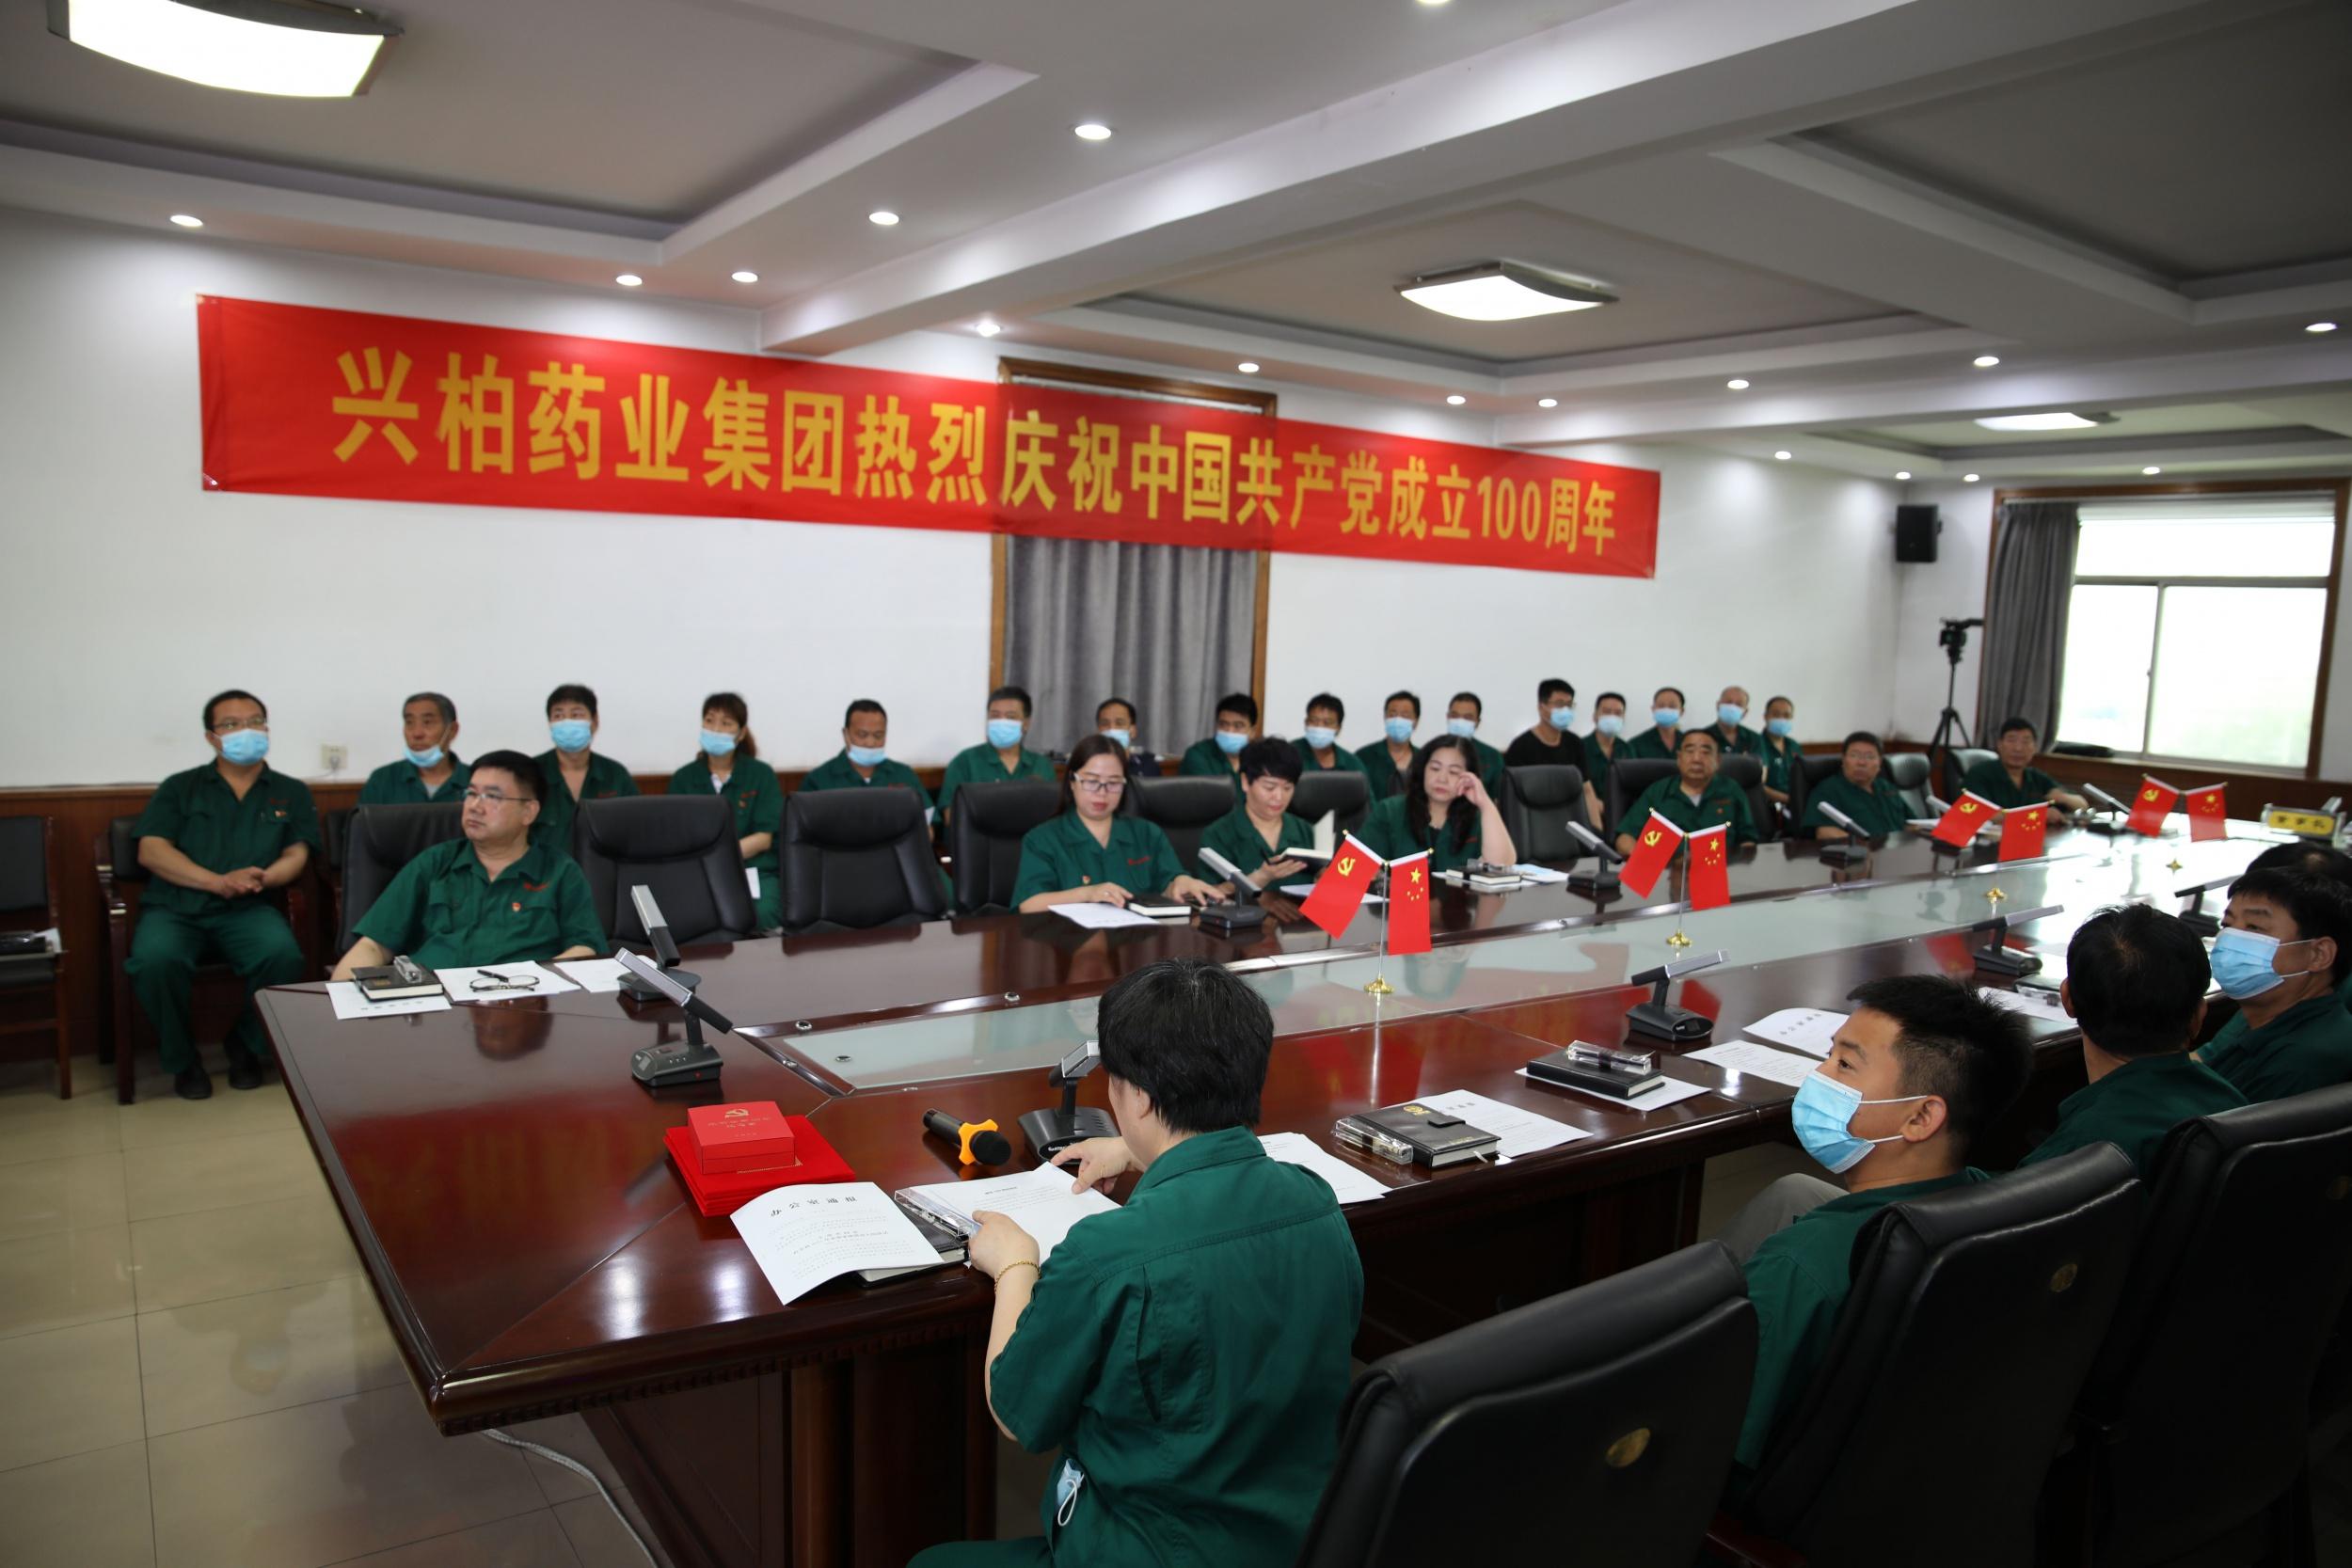 奋斗百年路 启航新征程   兴柏药业集团热烈庆祝中国共产党成立100周年